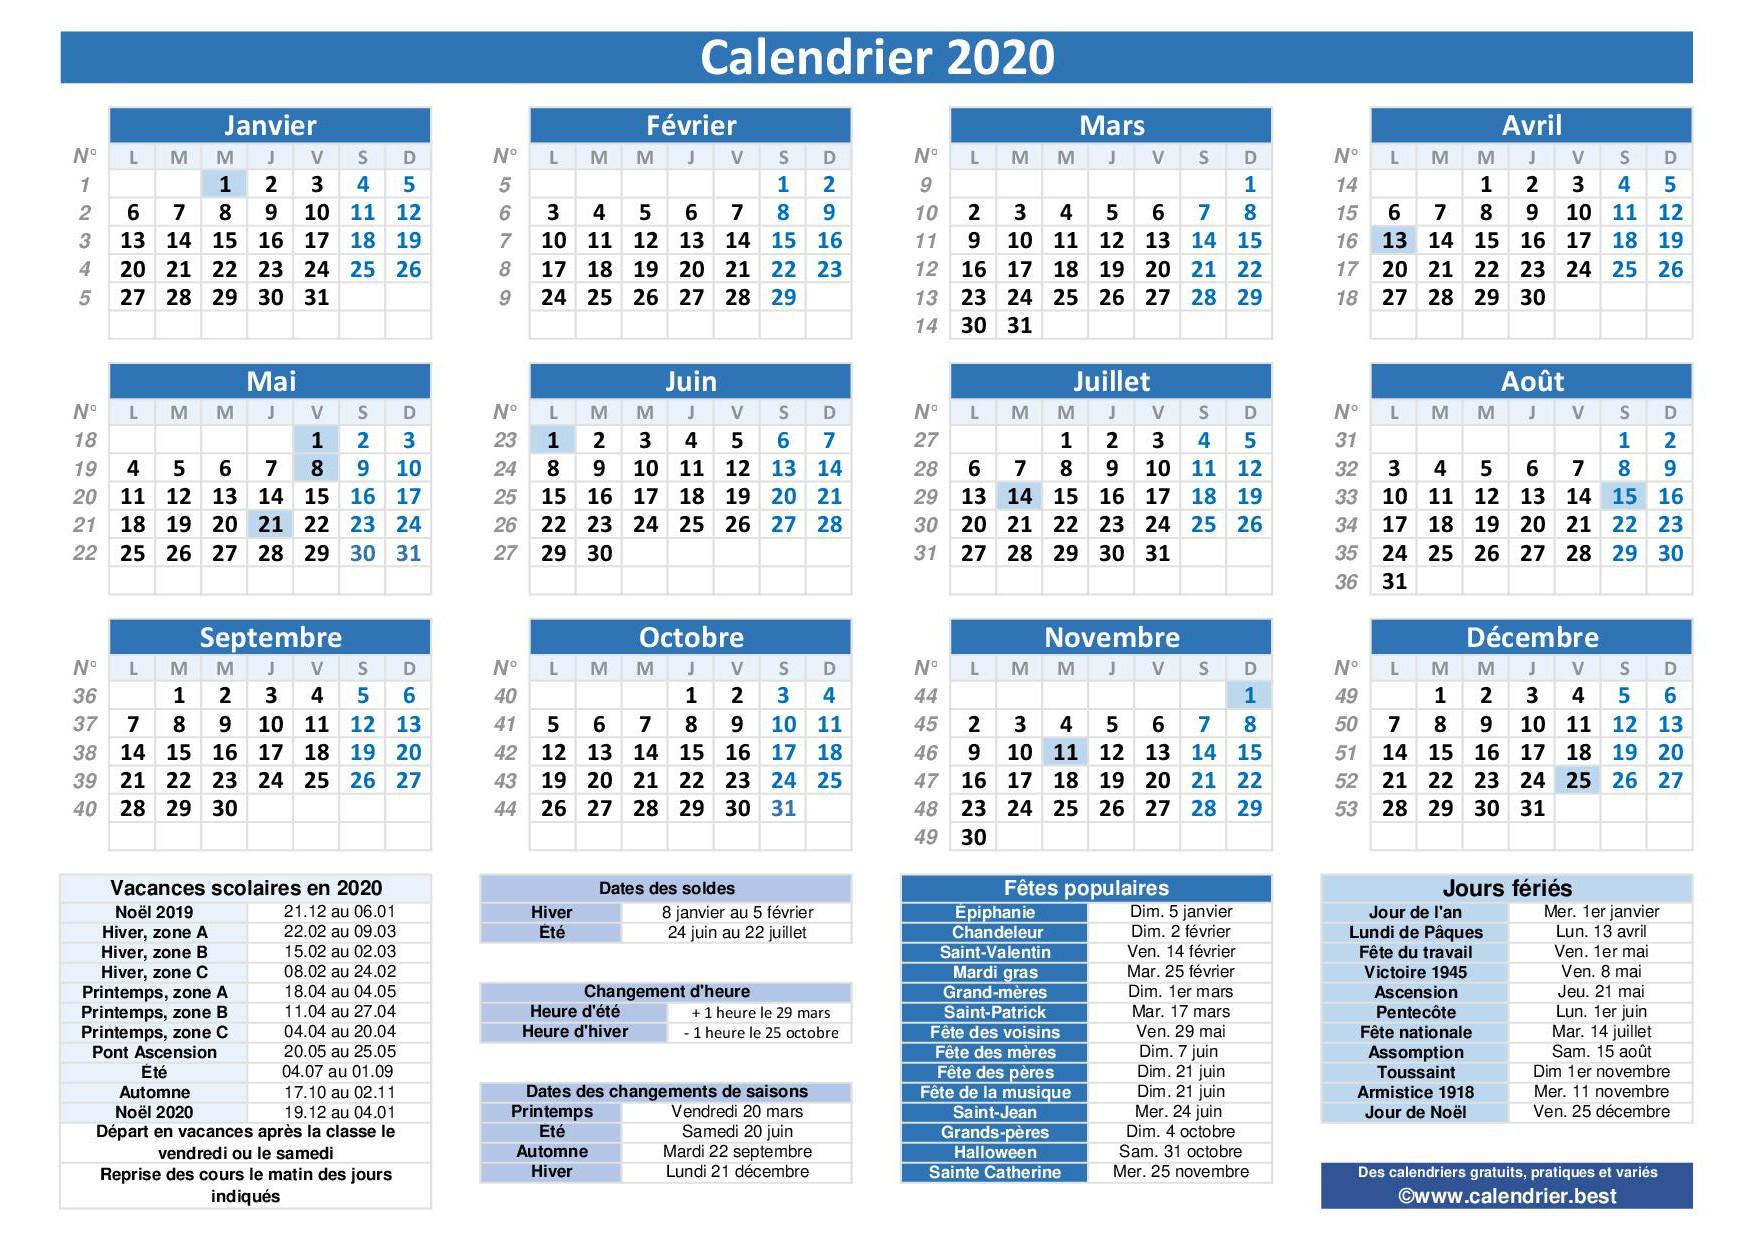 Calendrier 2020 Avec Jours Fériés Et Dates Utiles À Imprimer dedans Calendrier 2019 Avec Jours Fériés Vacances Scolaires À Imprimer